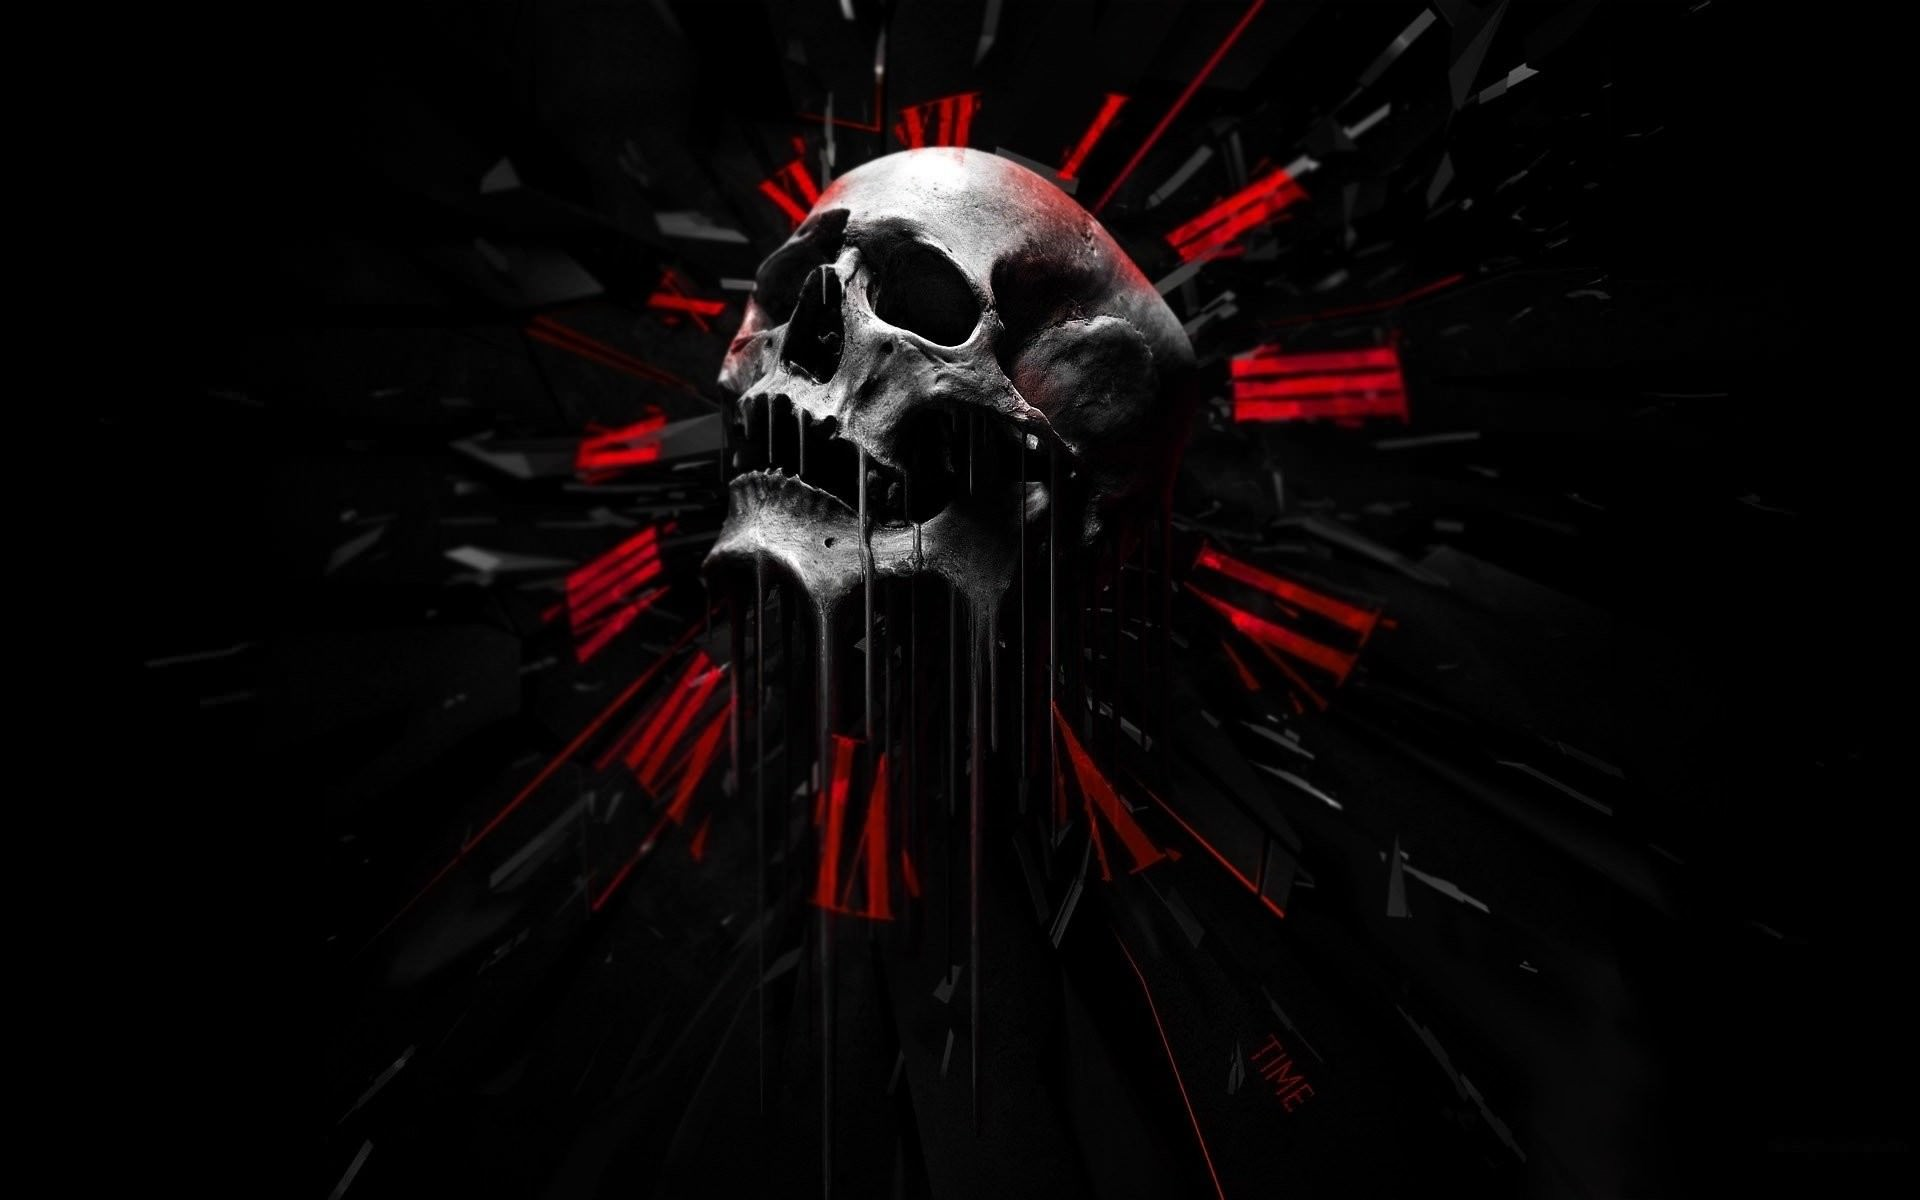 42+ Best Dark Abstract Wallpapers For Desktop - webrfree